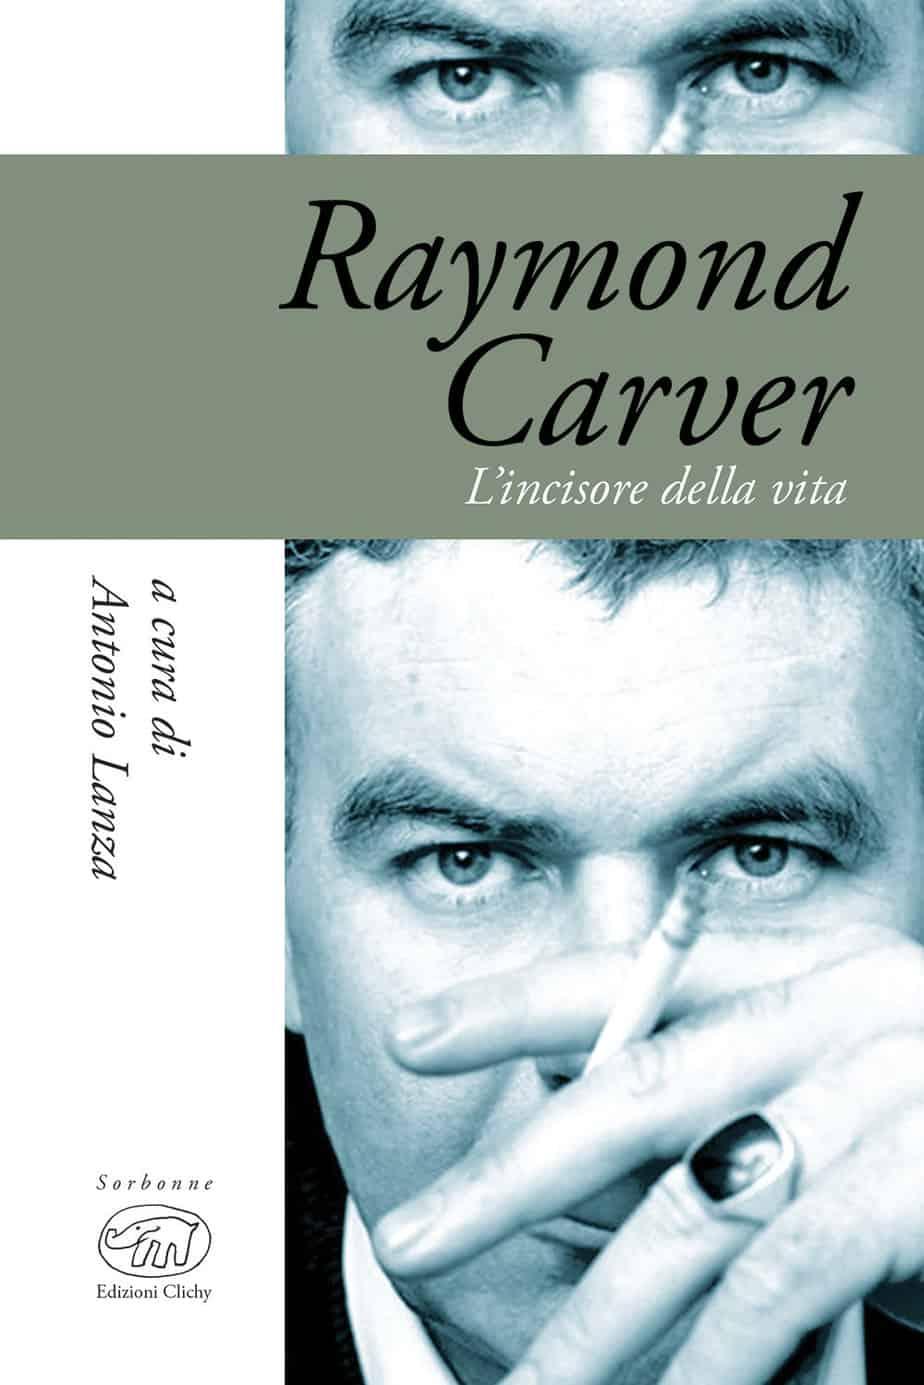 Recensione di Raymond Carver L'Incisore Della Vita – A. Lanza